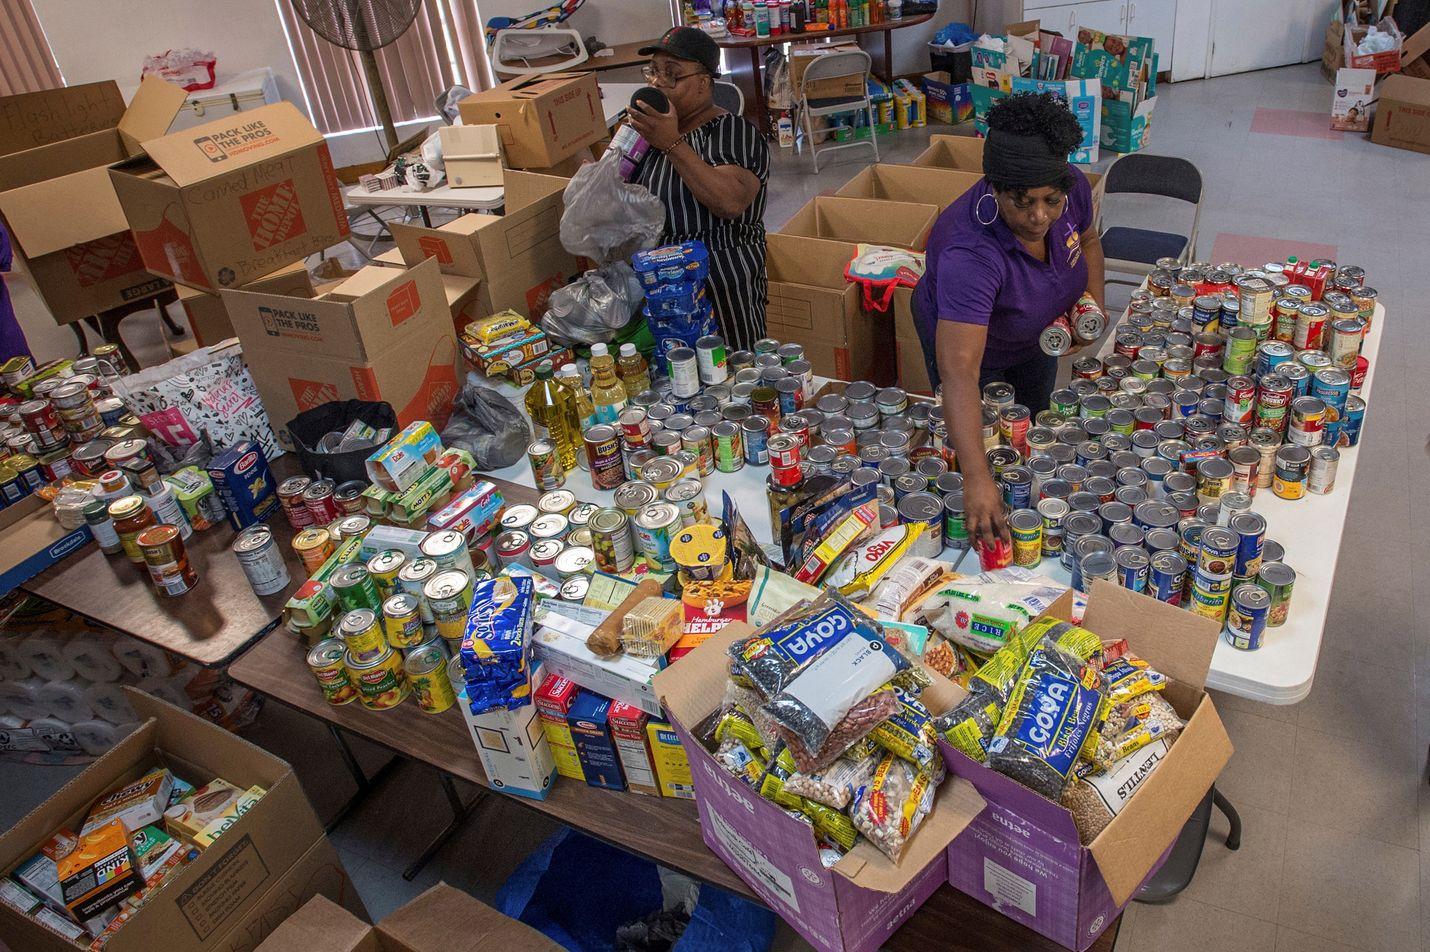 Vapaaehtoiset pakkaavat Dorianin uhreille Bahamalle tarkoitettua avustuslähetystä Miamissa, Floridassa.